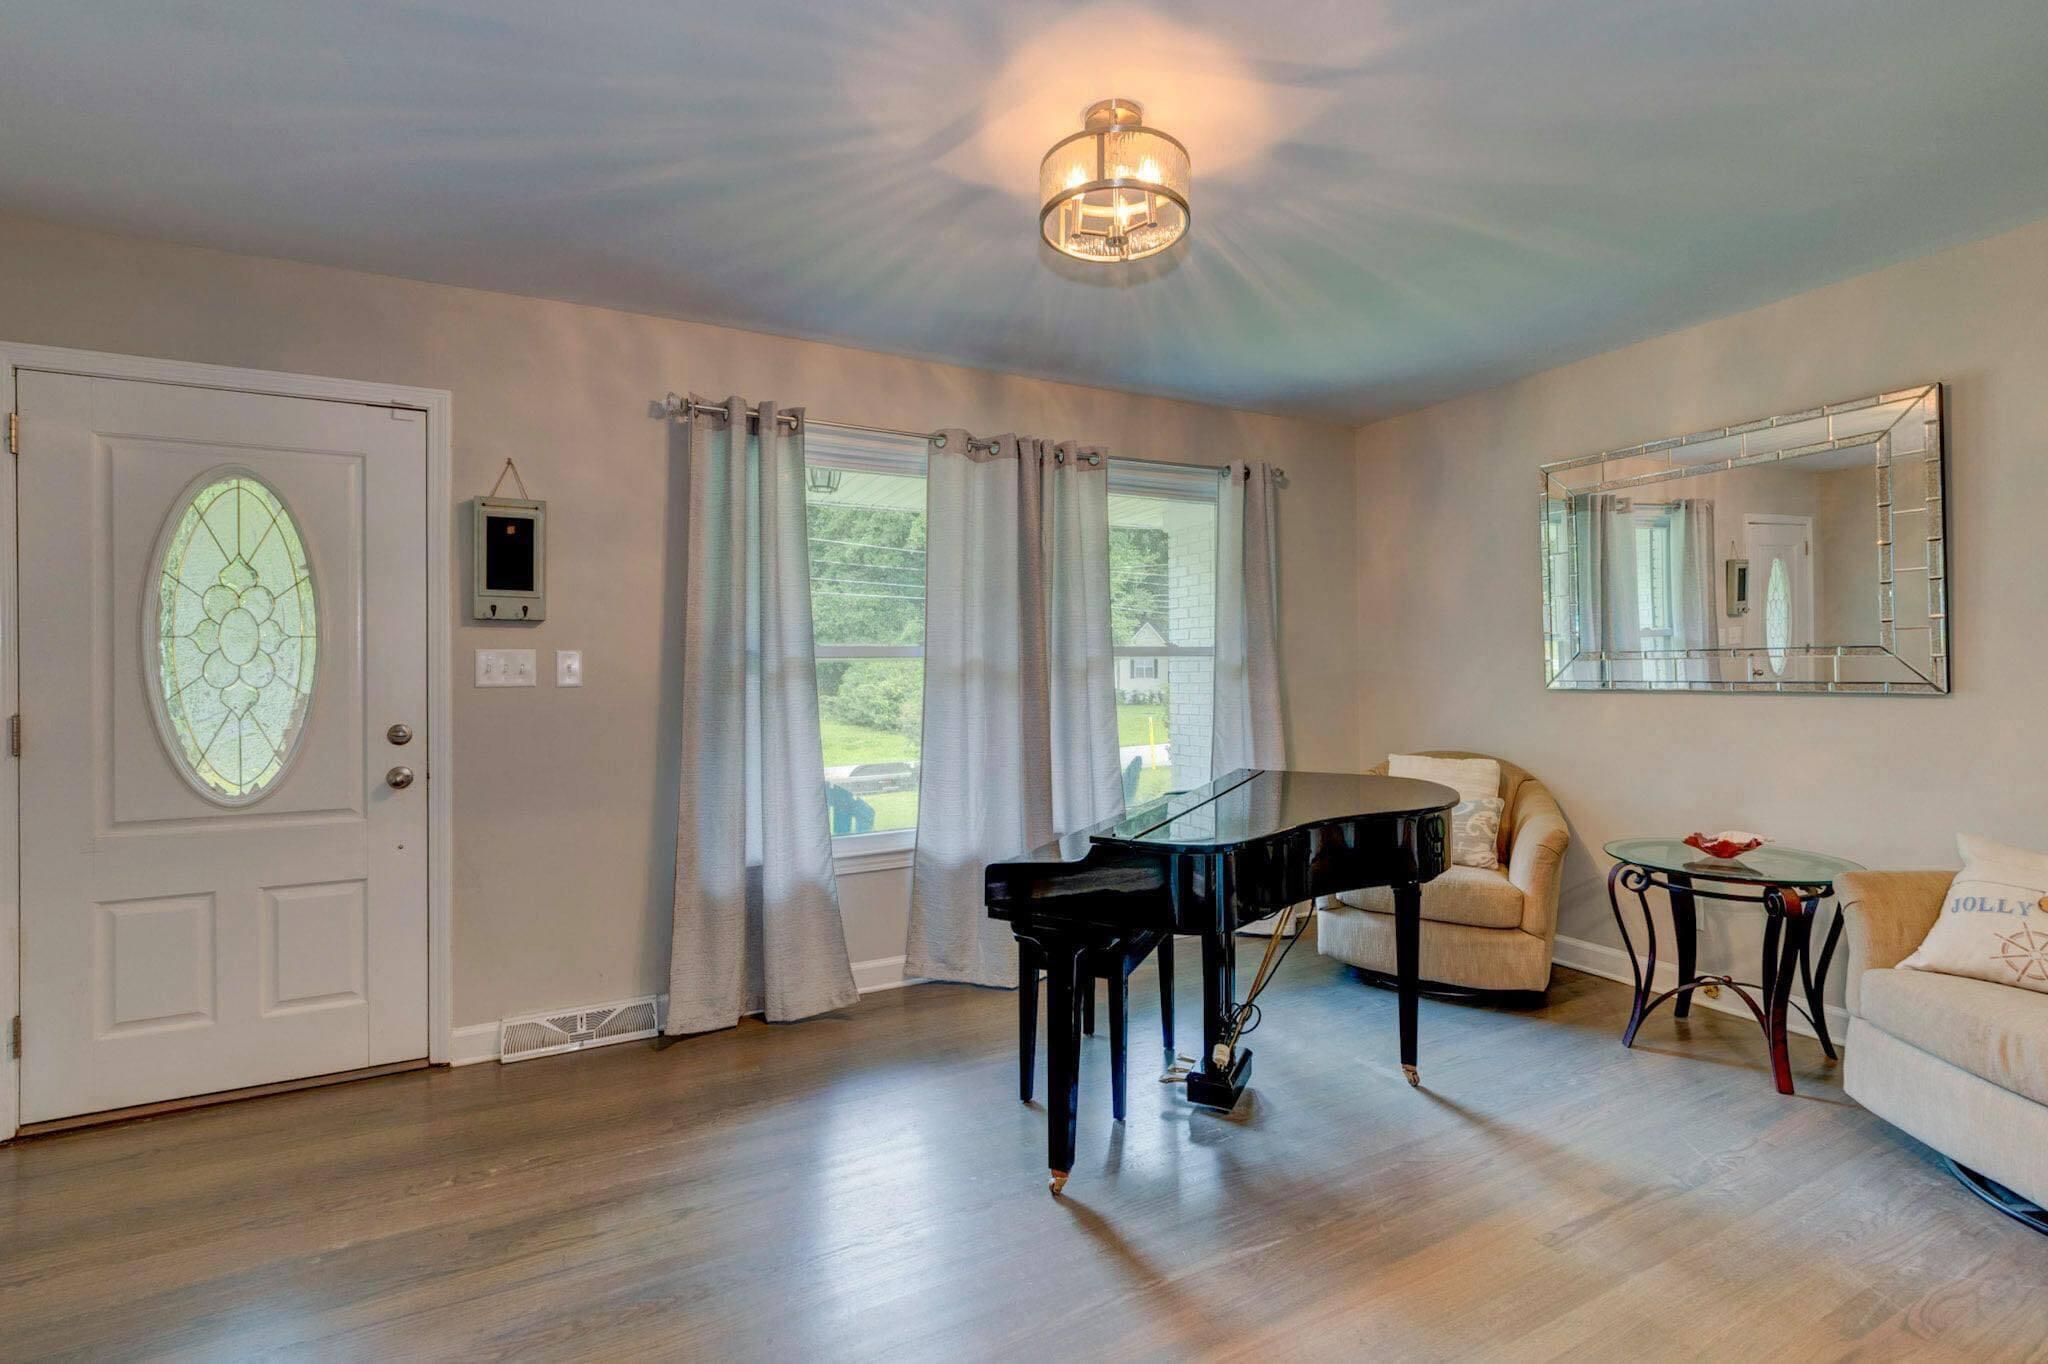 Clarks Point Homes For Sale - 1257 Julian Clark, Charleston, SC - 5